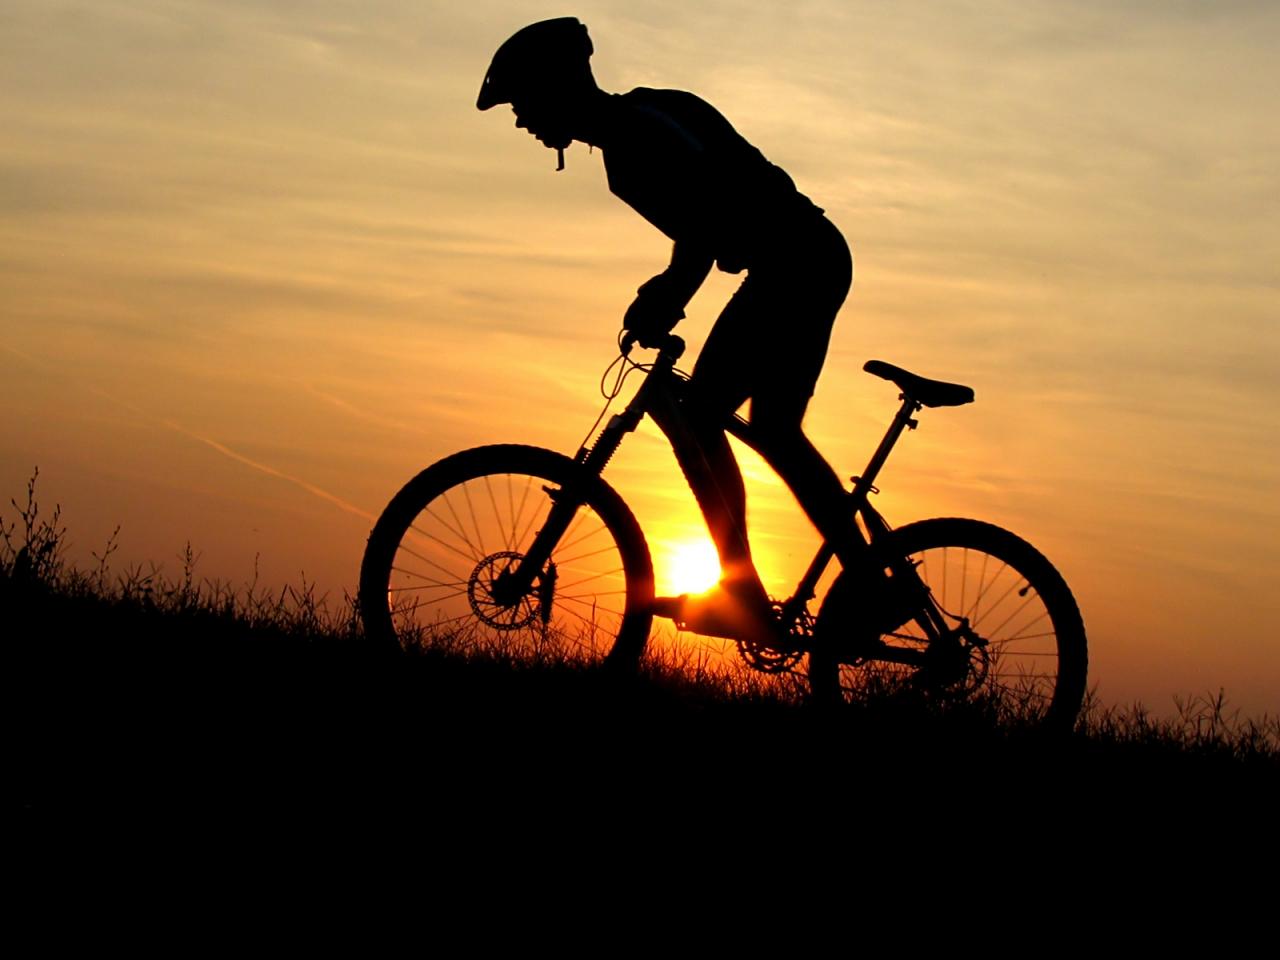 Kas jalgrattaga poleb rasva